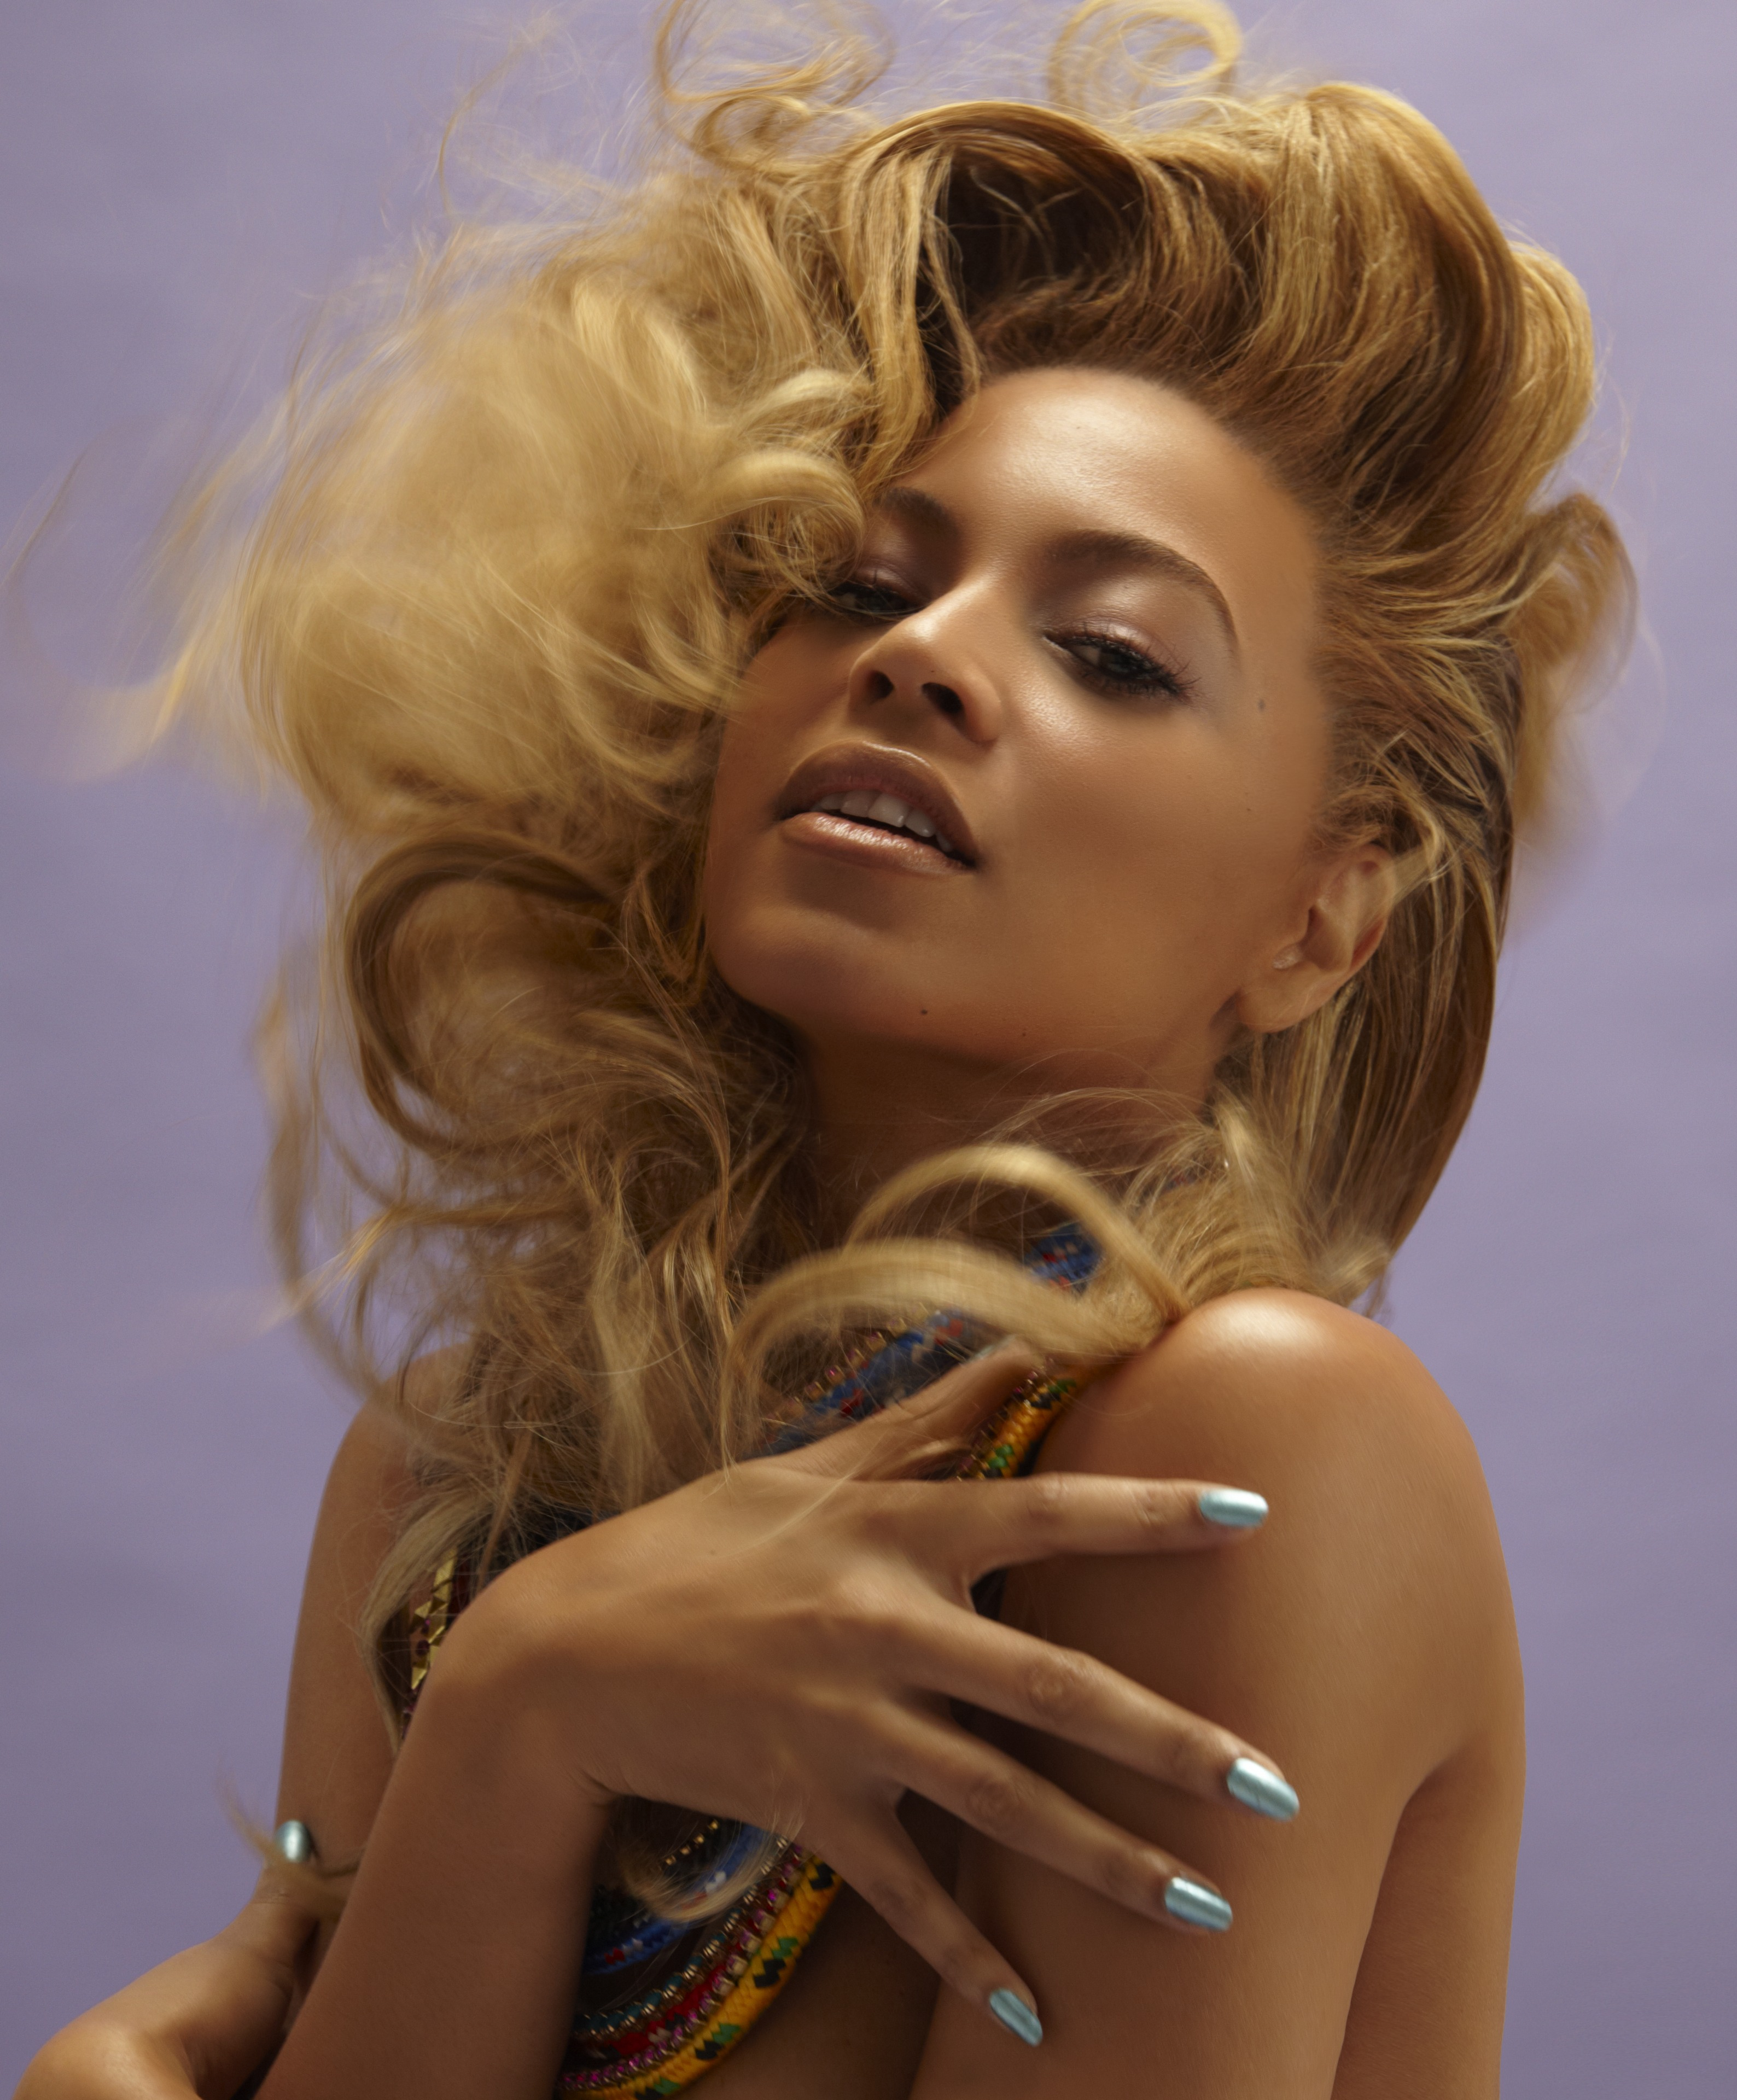 Beyonce, looking fabulous as always.